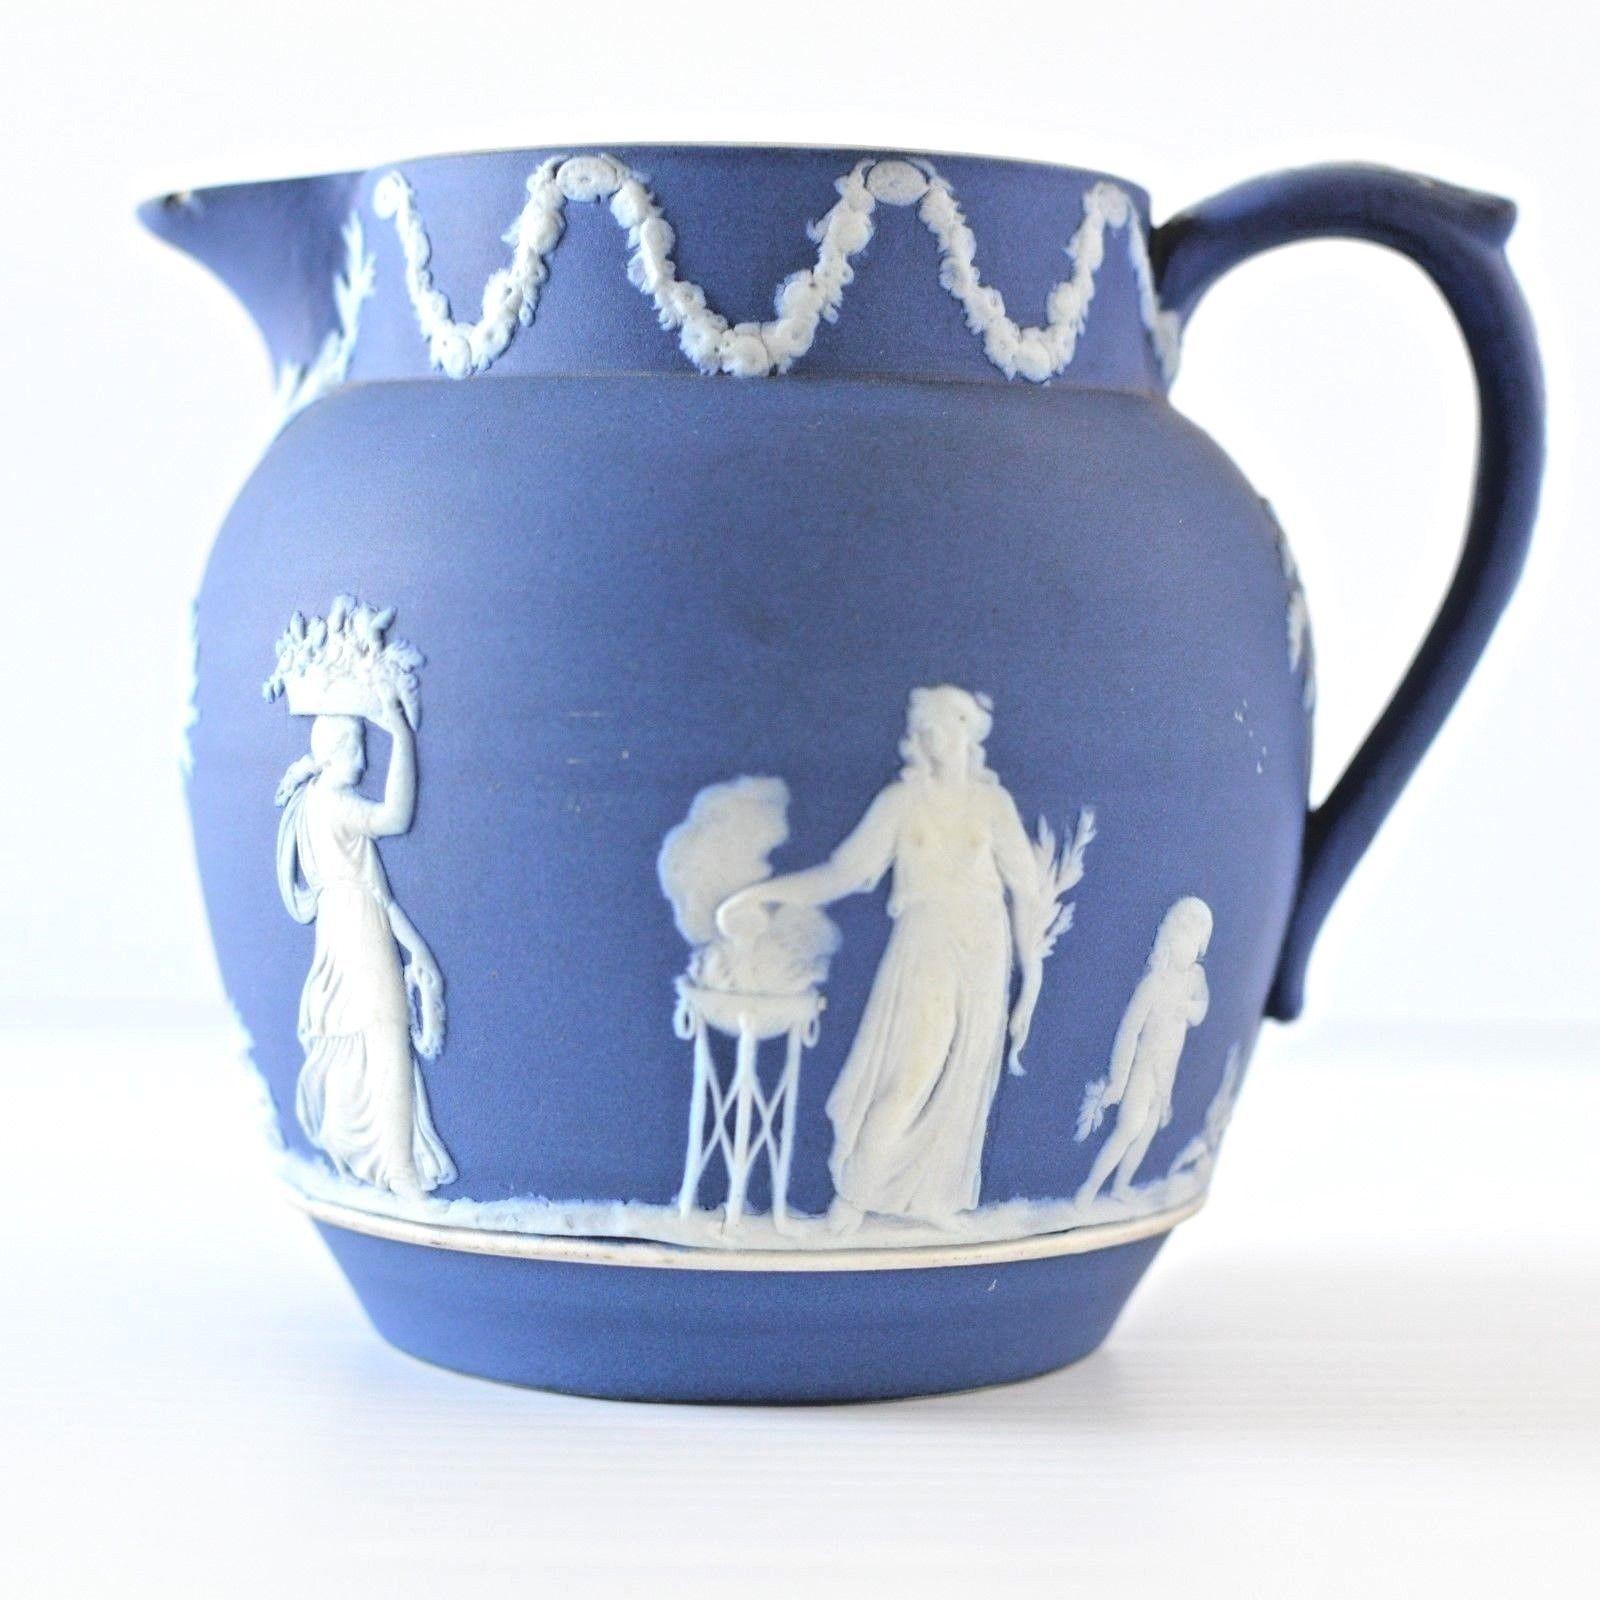 wedgwood green jasperware vase of wedgwood jasperware pitcher with regard to wedgwood jasperware water pitcher cobalt blue jug it measures 4 1 2 tall